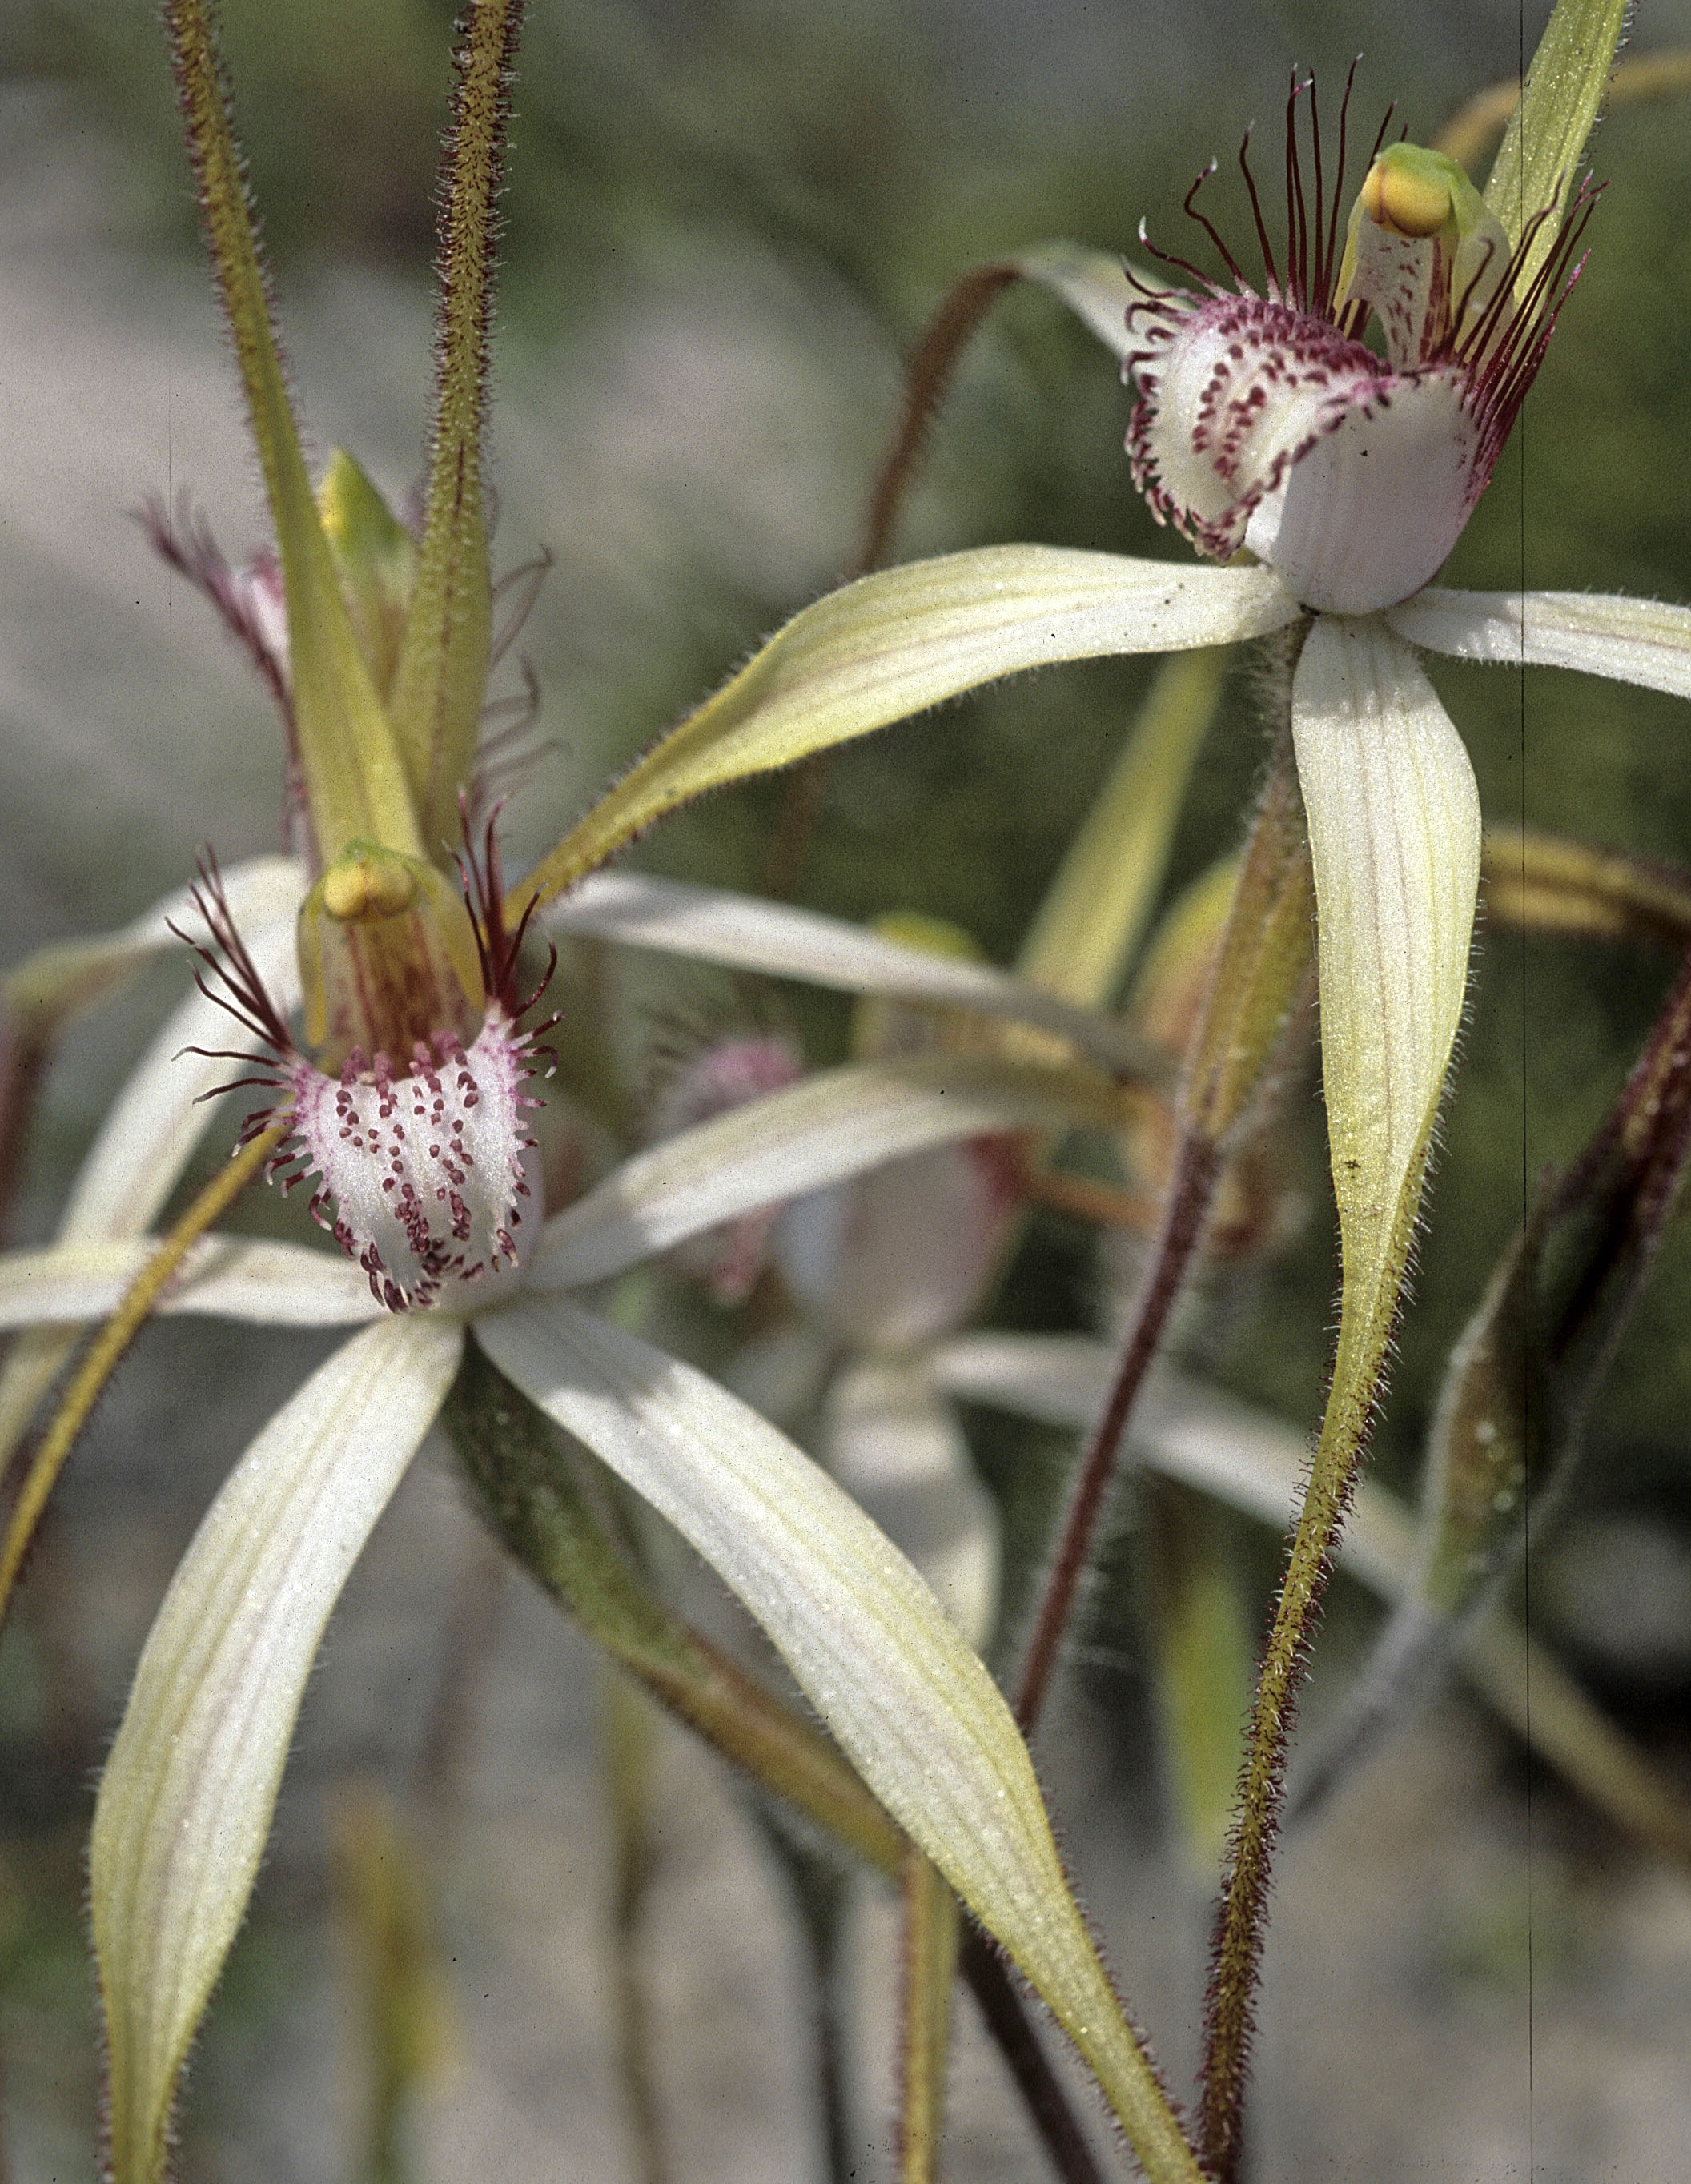 Caladenia longicauda coll.